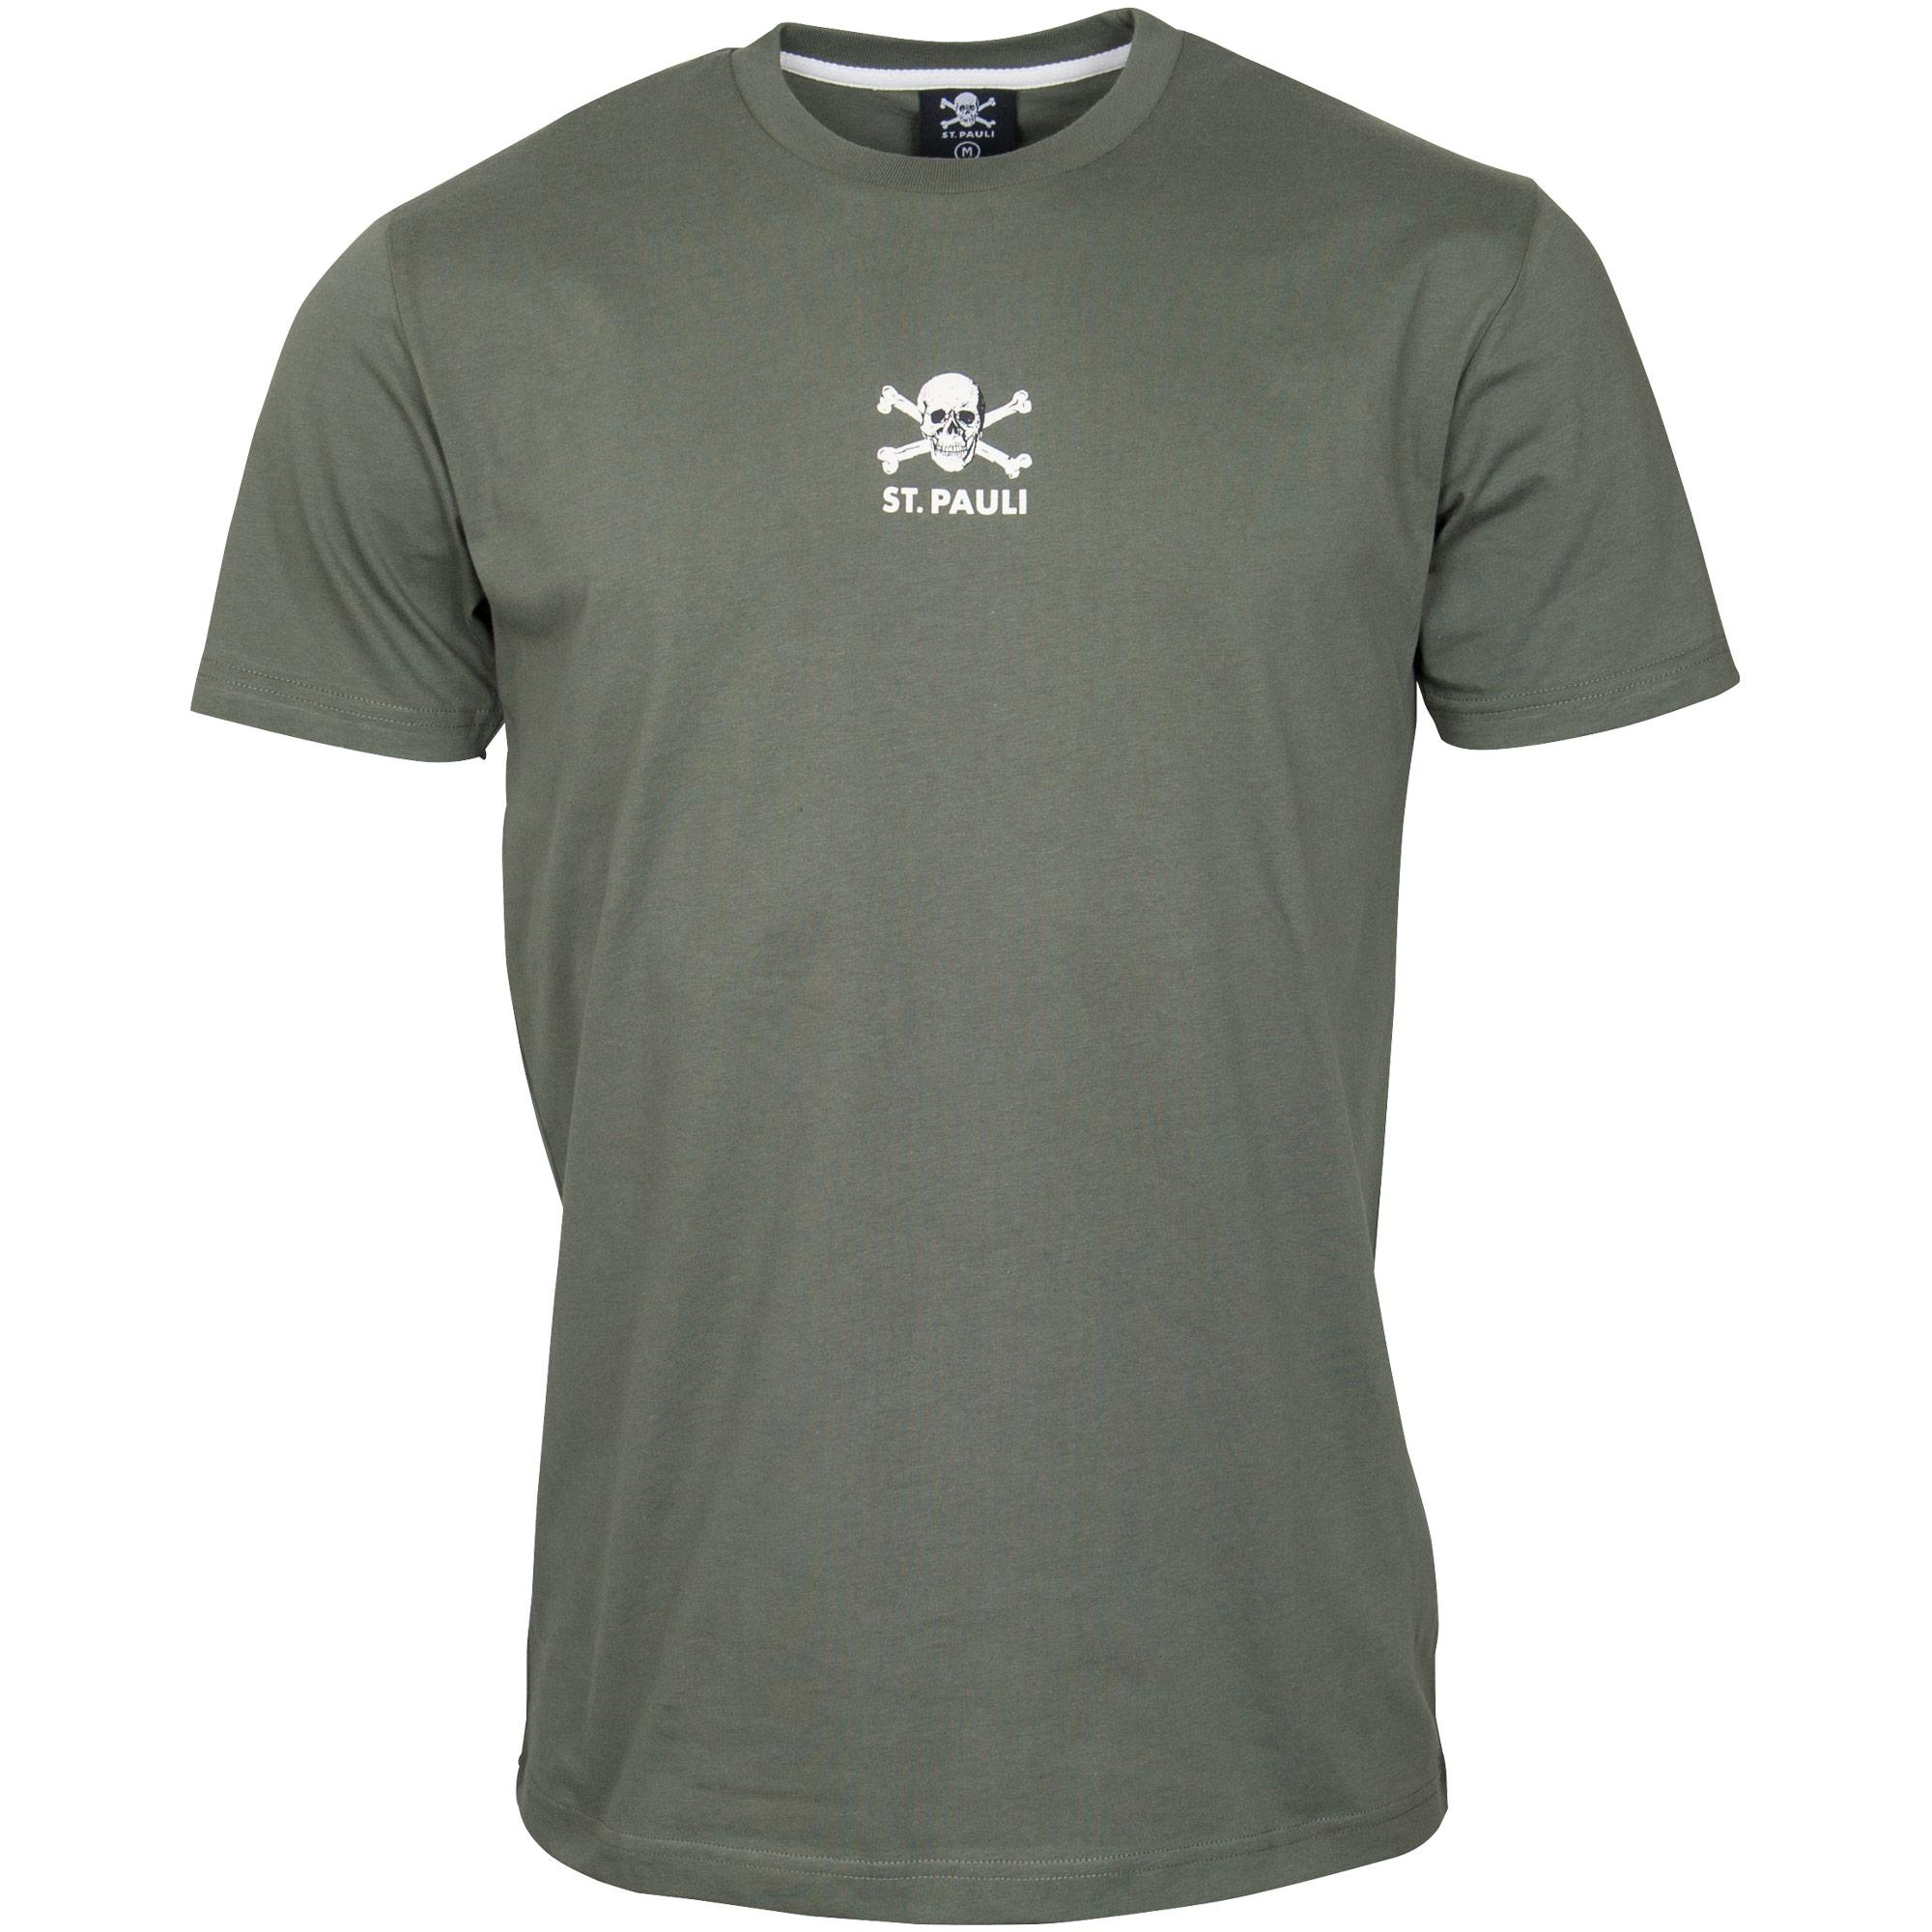 FC St. Pauli - T-Shirt Autumn Green - olivgrün